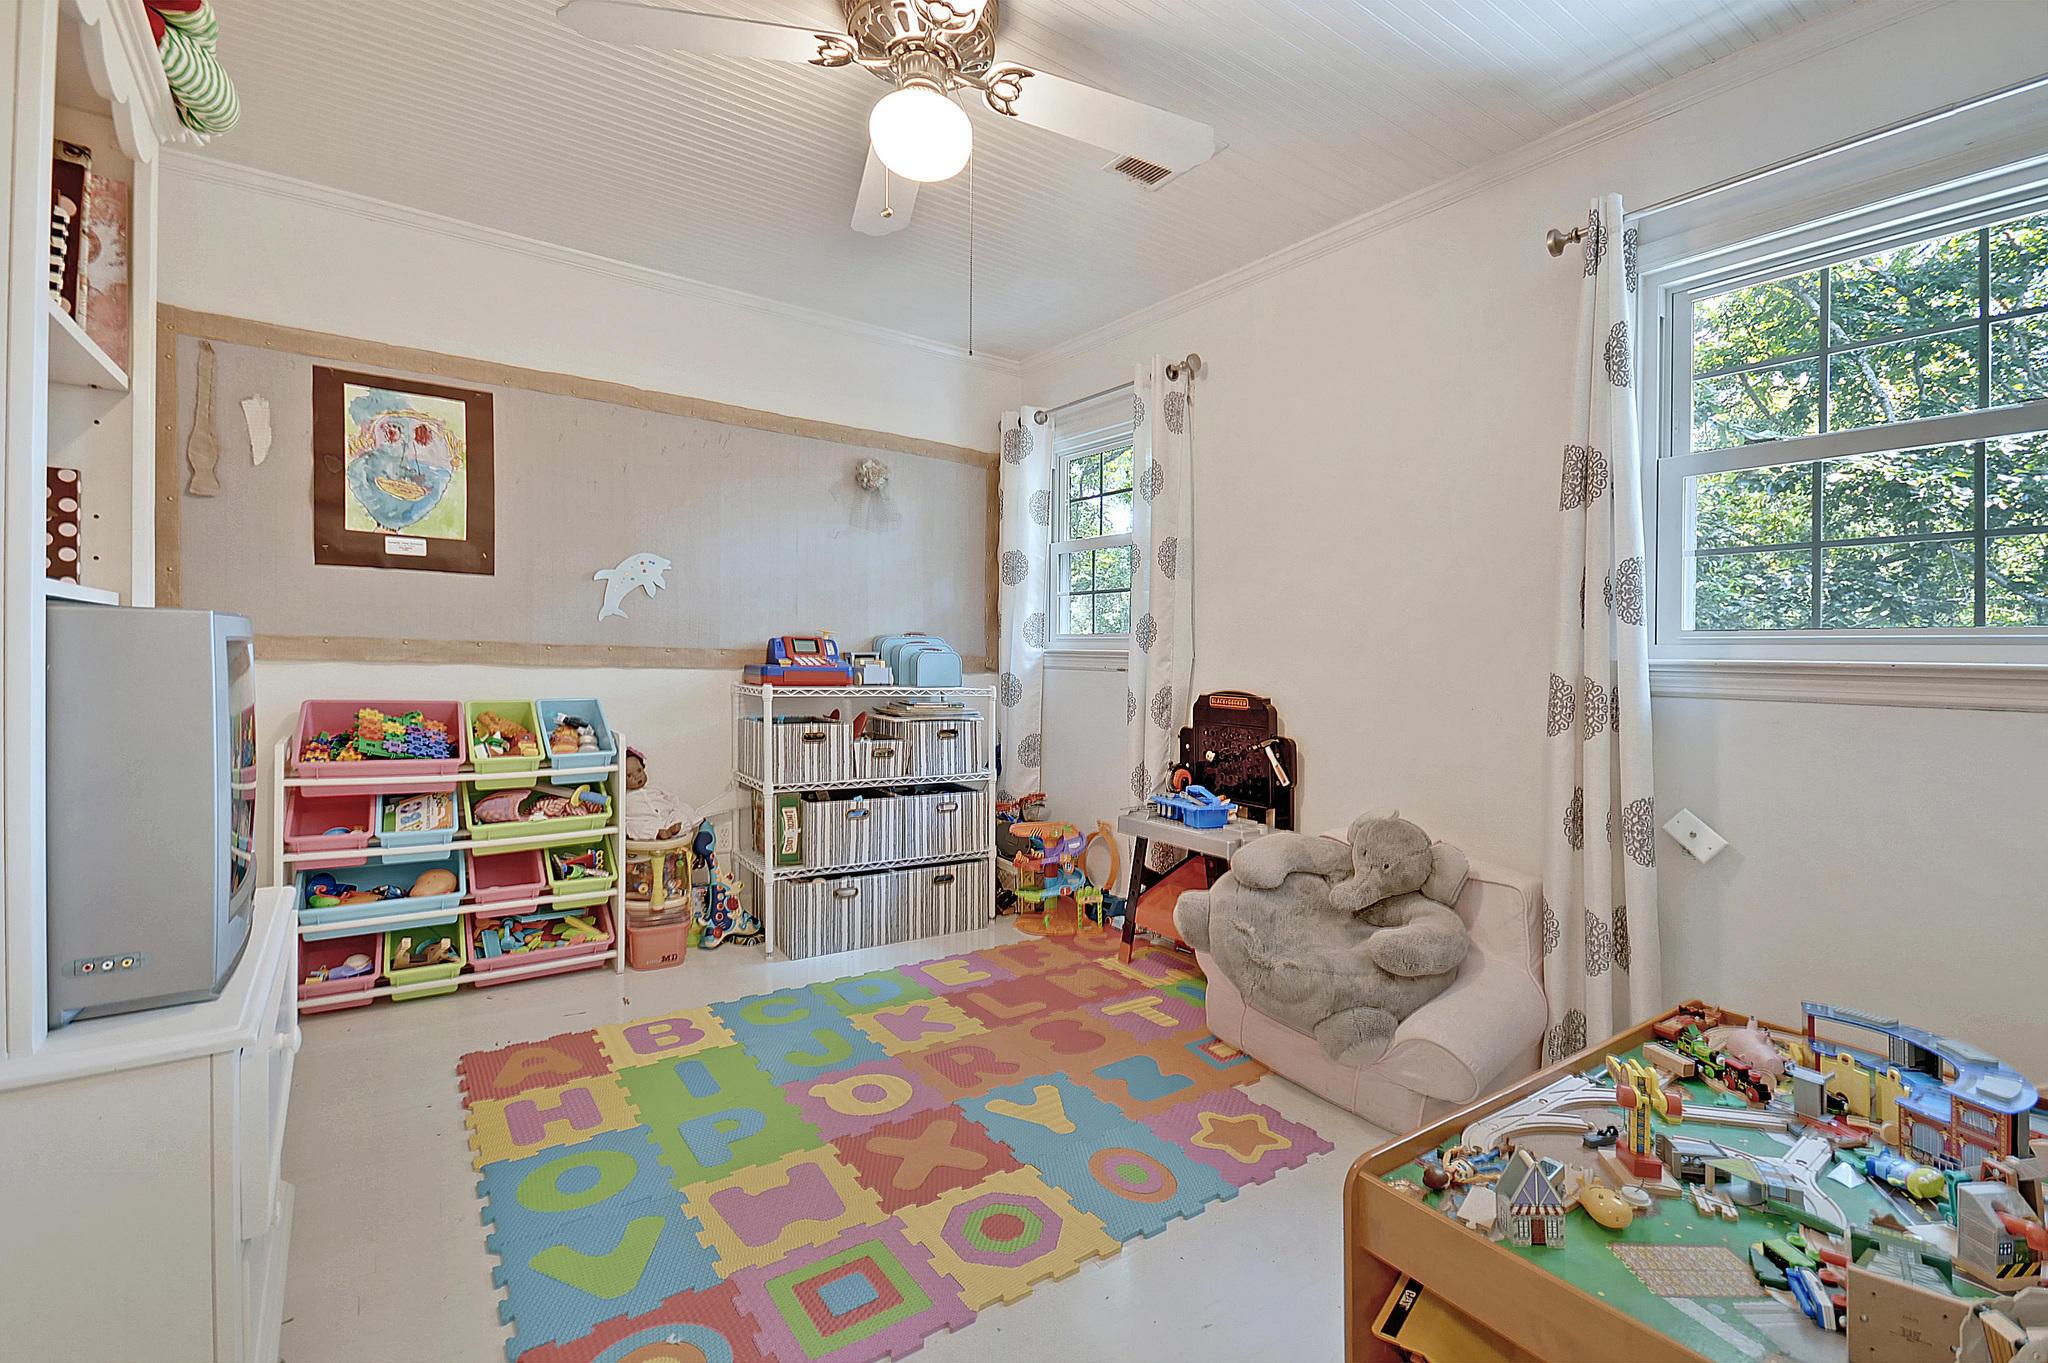 Parish Place Homes For Sale - 814 Abcaw, Mount Pleasant, SC - 3